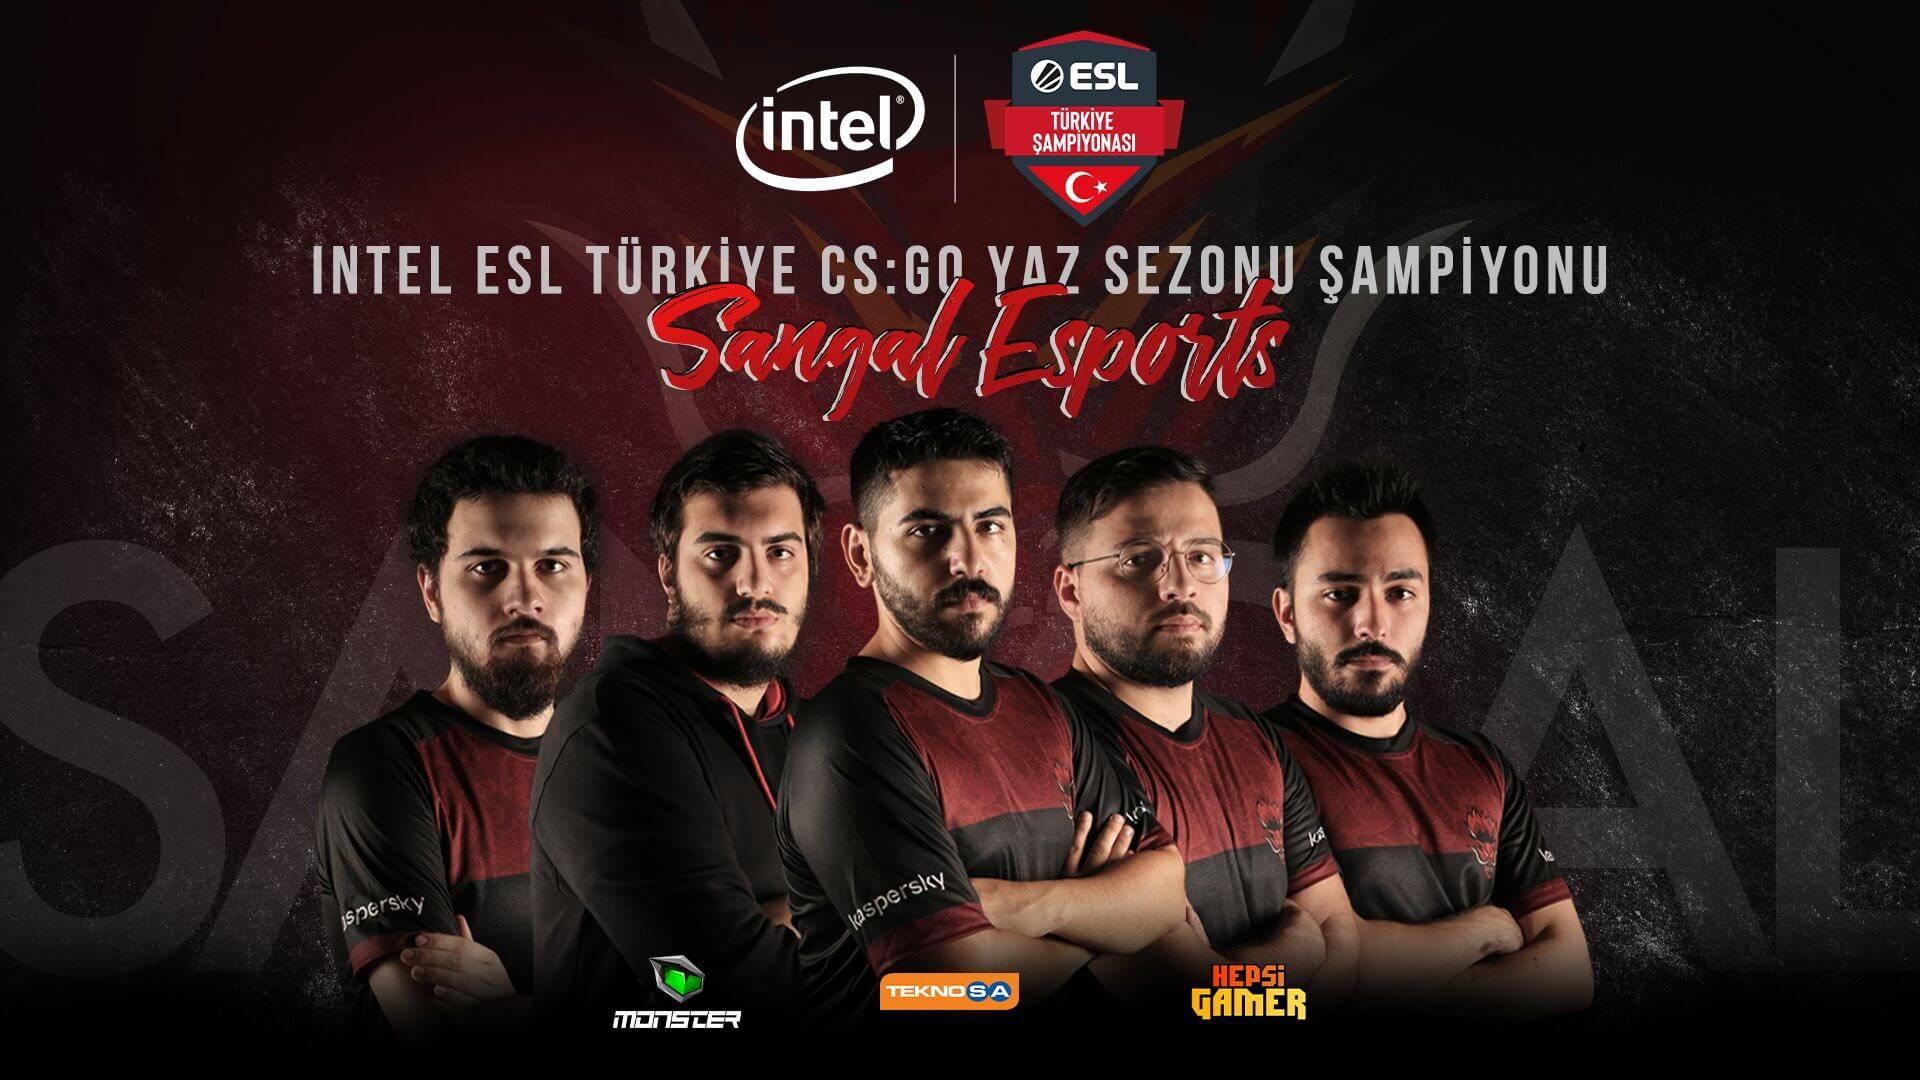 esl turkiye sampiyonasi 2020 yaz sezonu sampiyonu